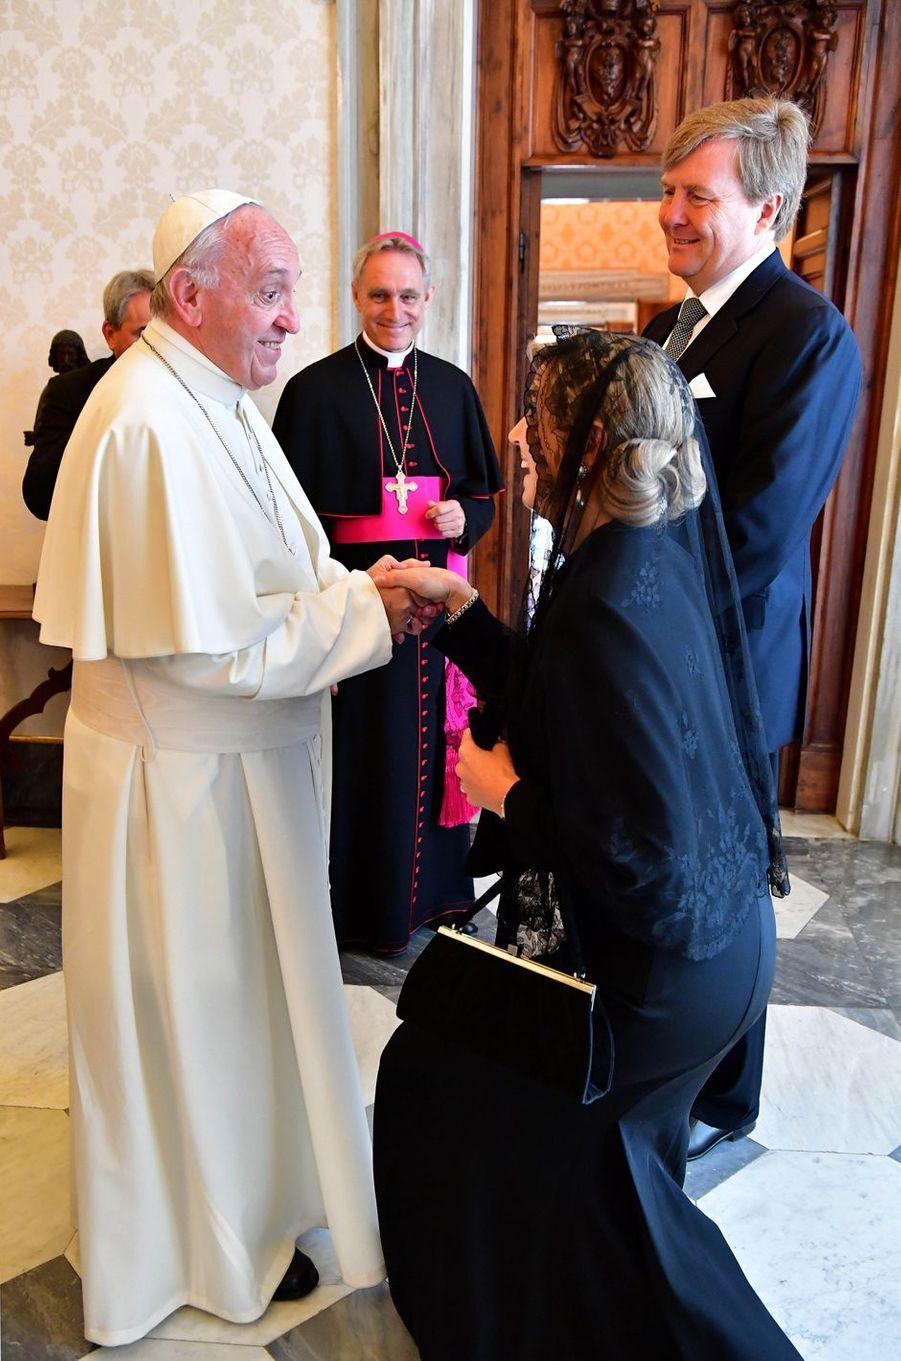 La reine Maxima et le roi Willem-Alexander des Pays-Bas avec le pape François au Vatican, le 22 juin 2017